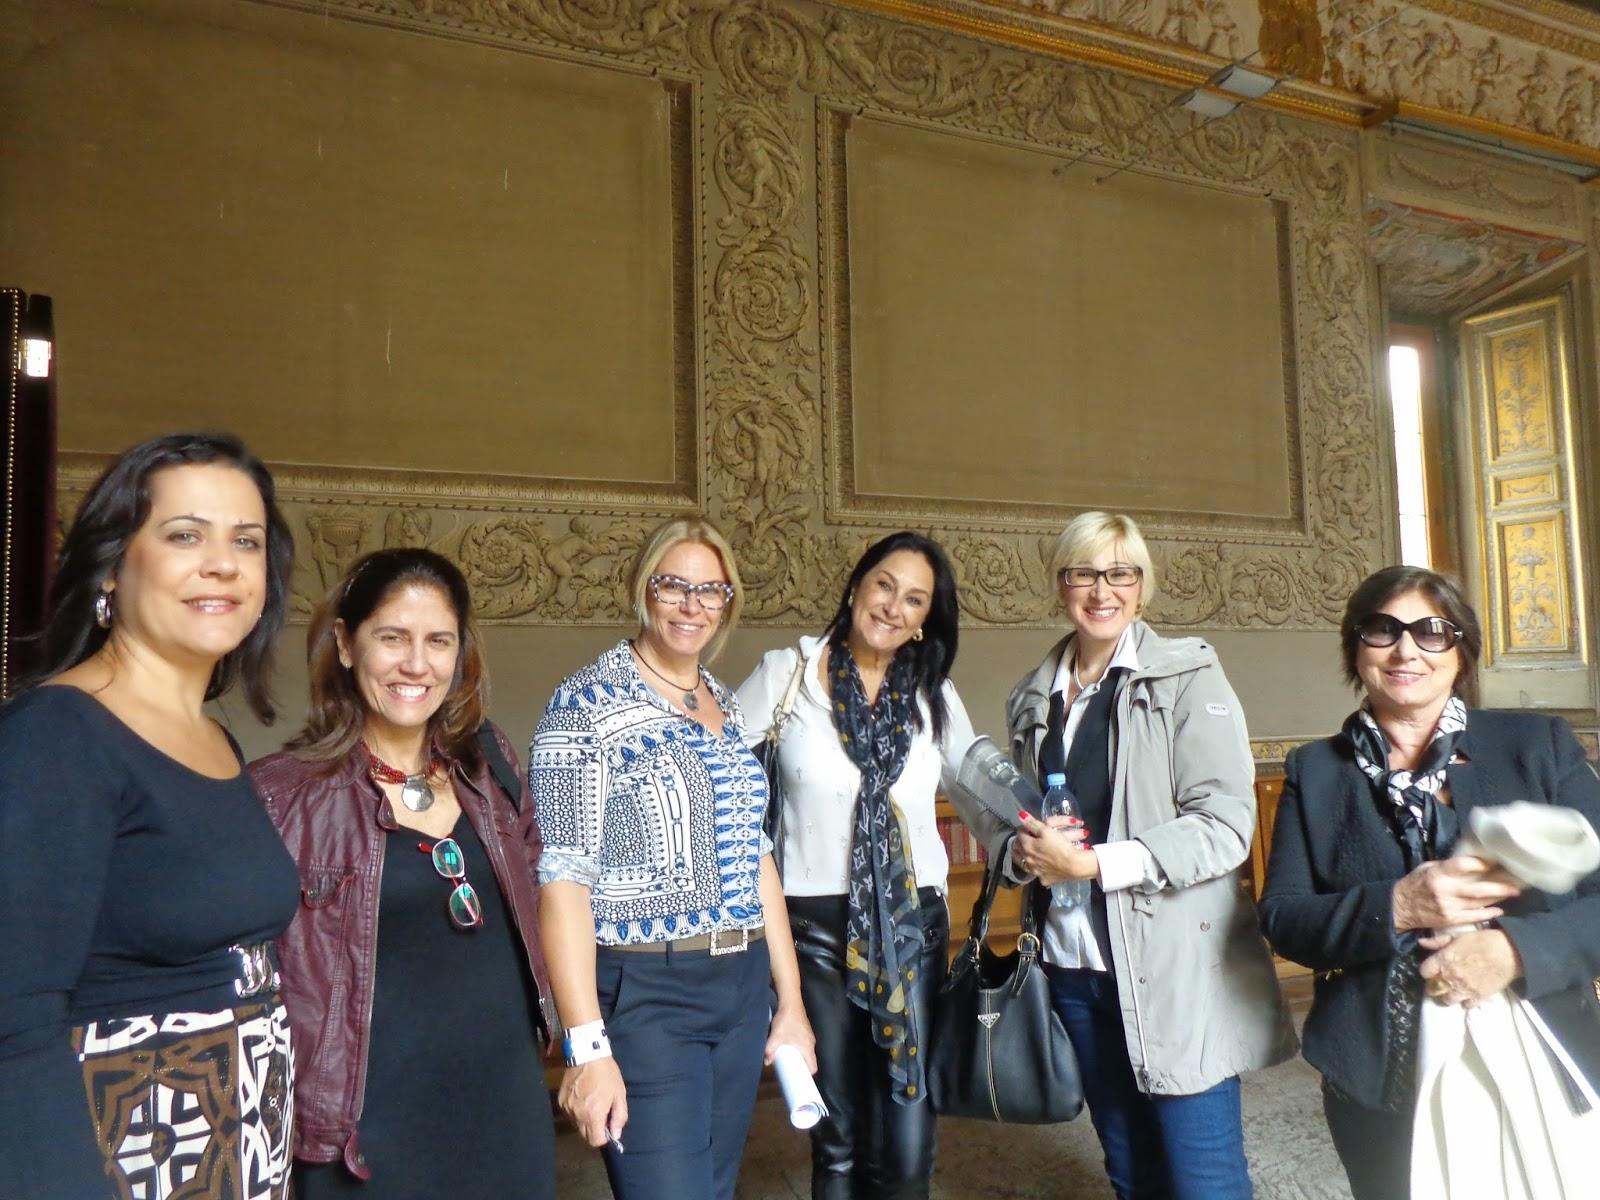 Da esquerda para a direita: Sonia Mara Vieira, Rita Medina, Sandra Gorski Rego, Adriana Vieira, Luciana Migliaccio, Maria Luiza Perucio e Luciene Felix Lamy, atrás da câmera.